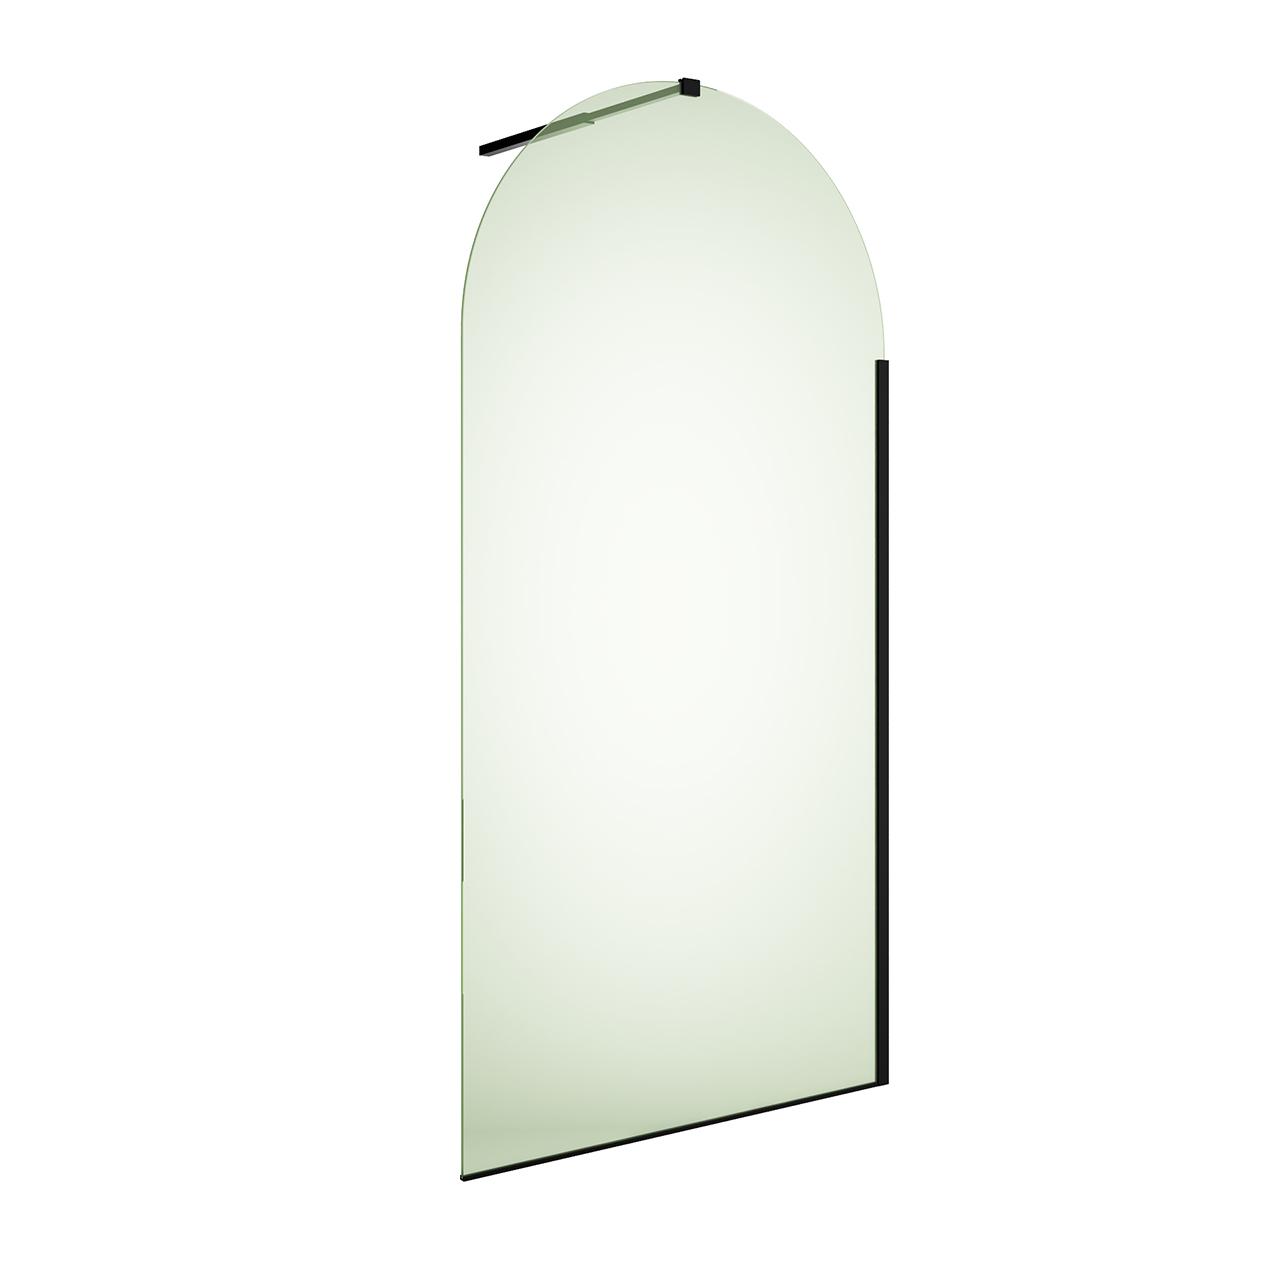 Nouveau Freestanding Shower by Ex.t